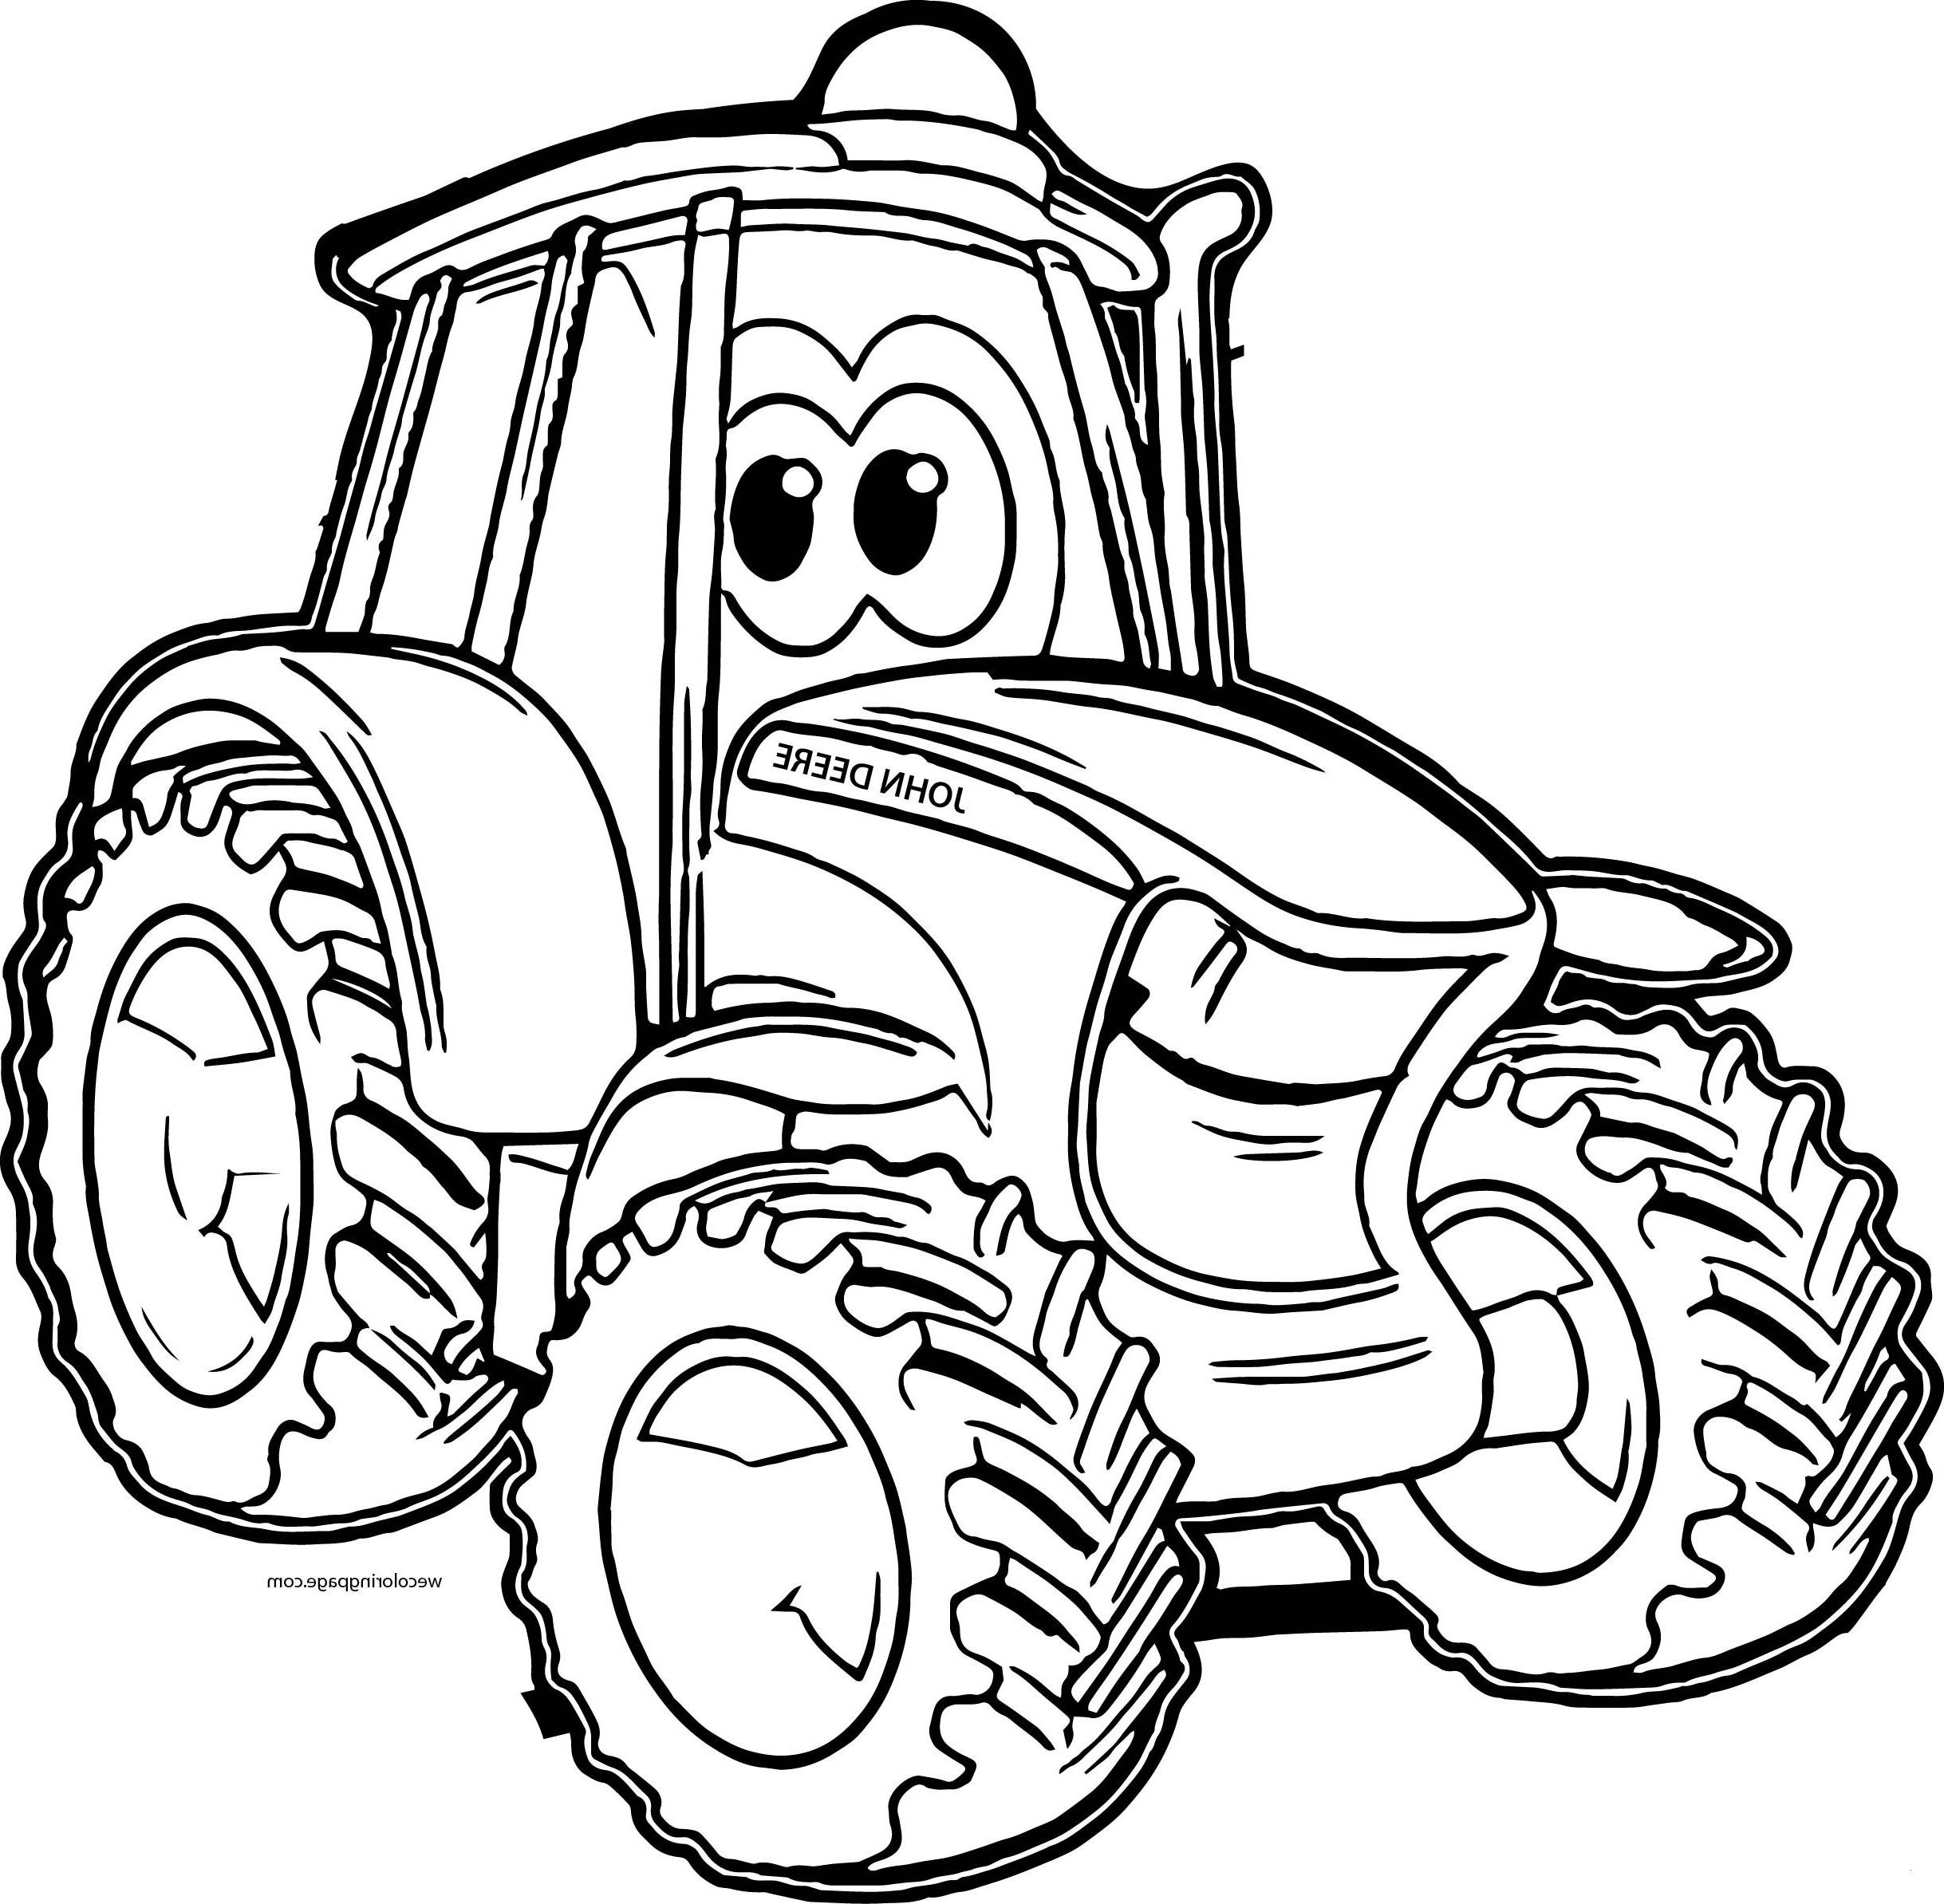 traktor ausmalbilder für kinder  kinder tractor video